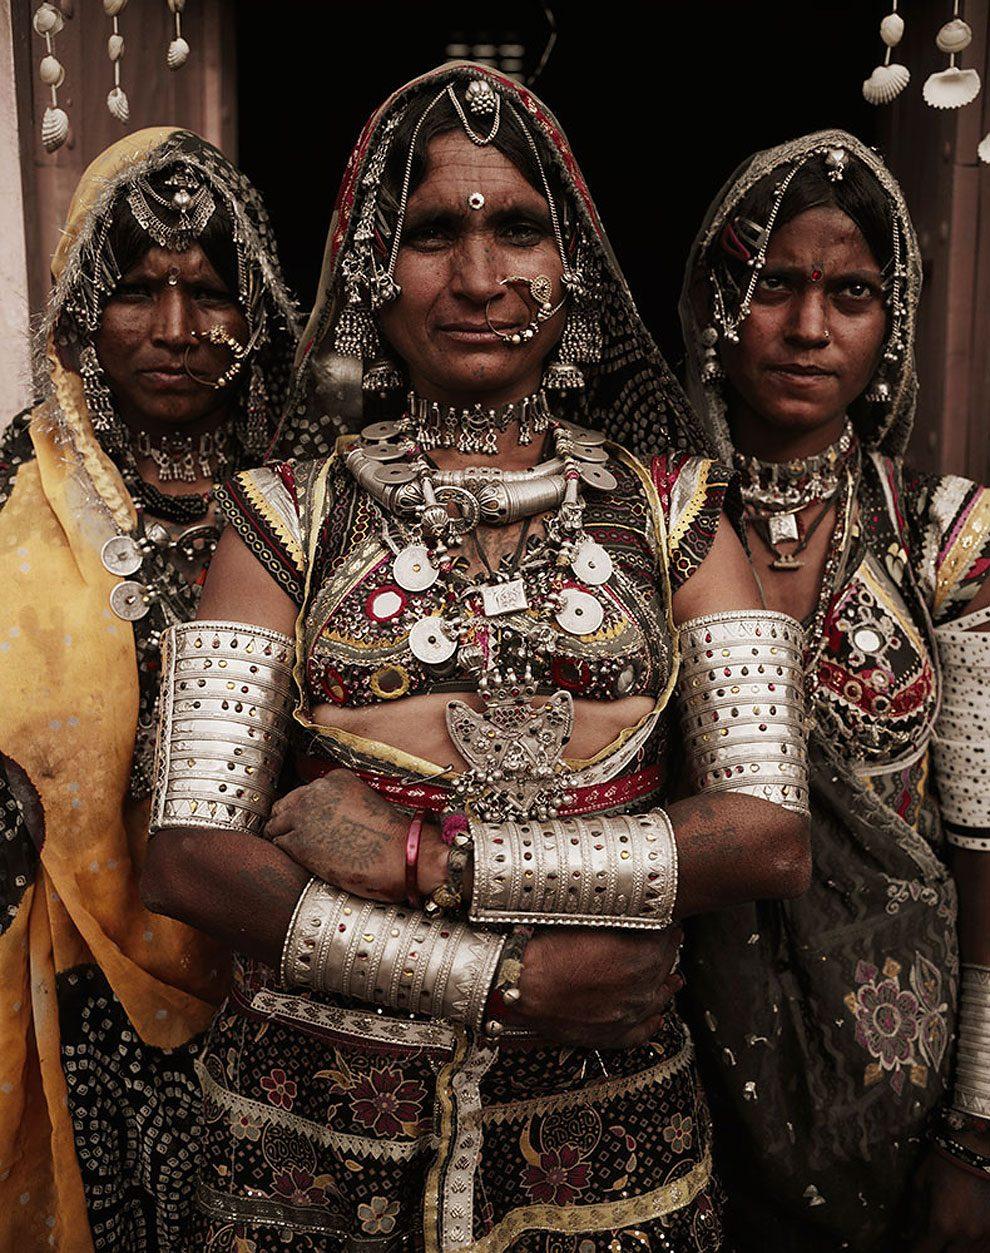 tribu-indigeni-mondo-fotografia-before-they-pass-away-jimmy-nelson-21